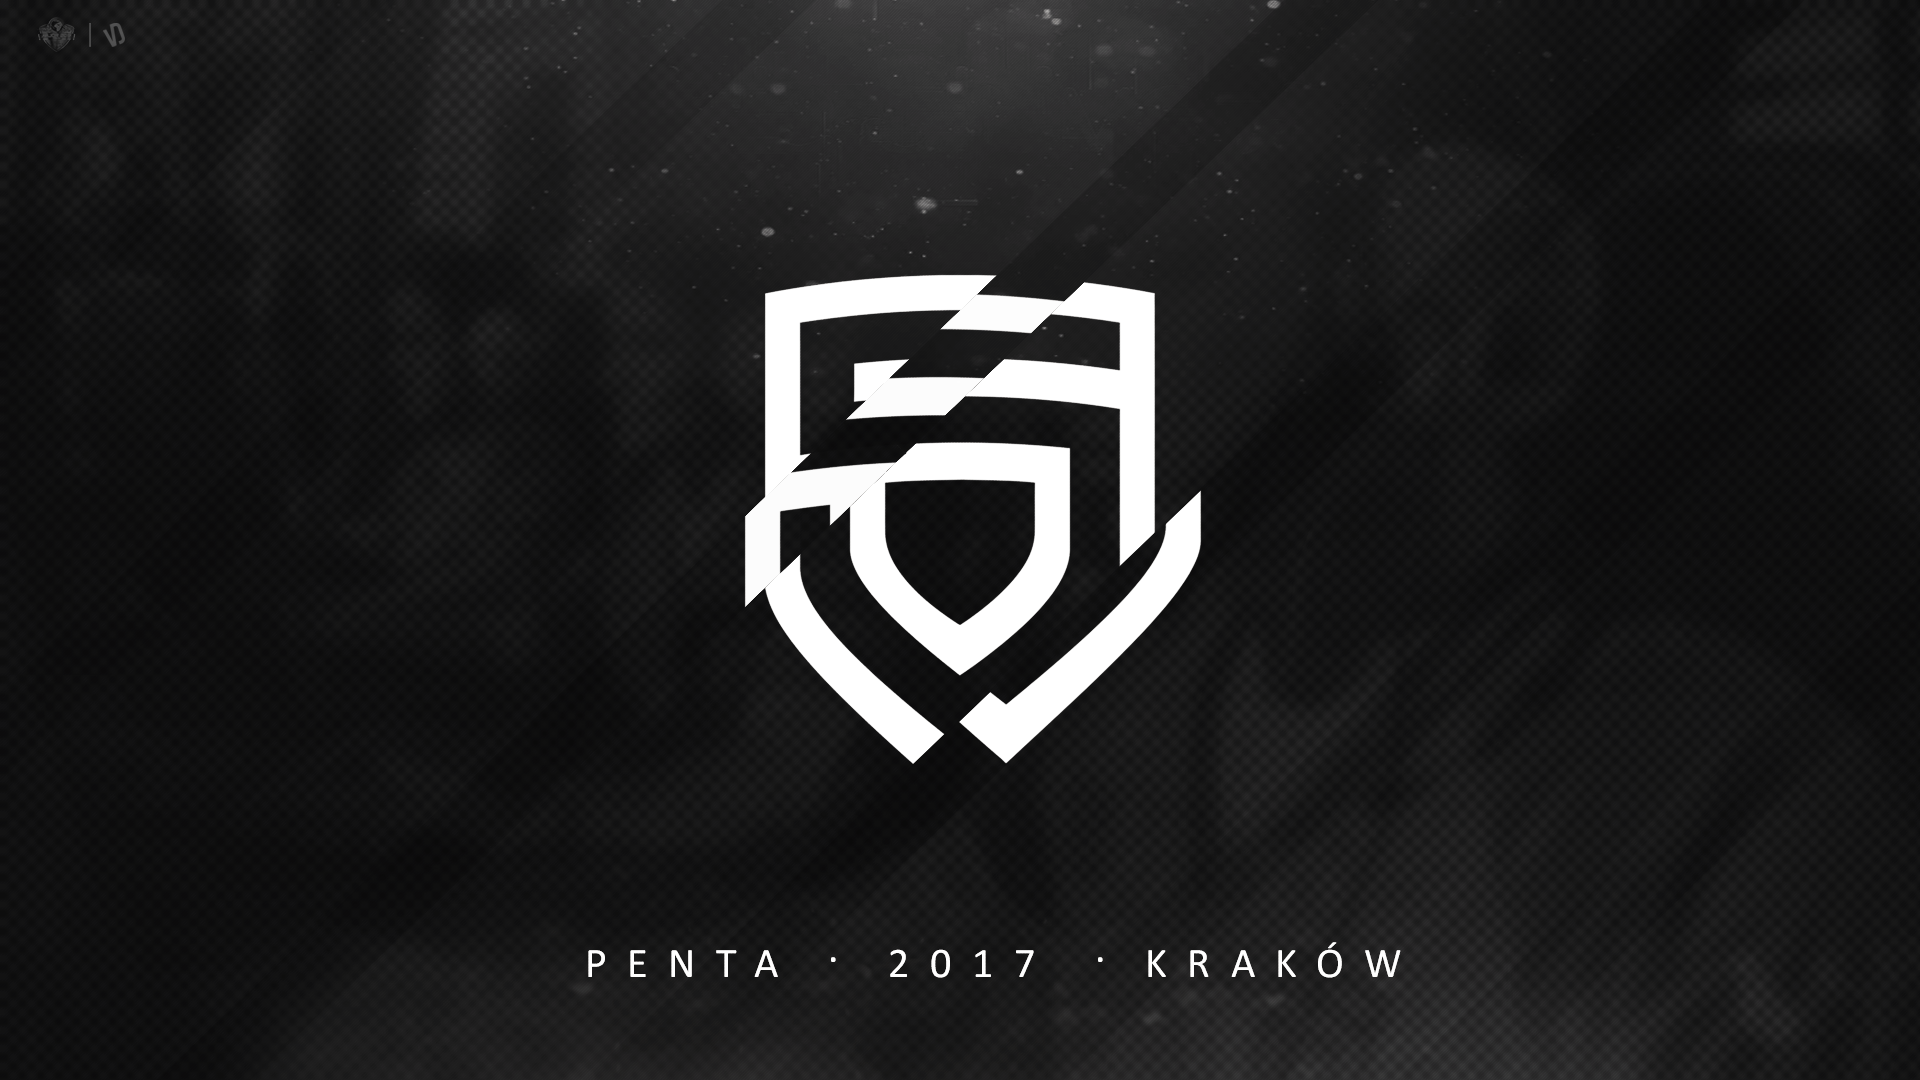 Penta | Kraków 2017